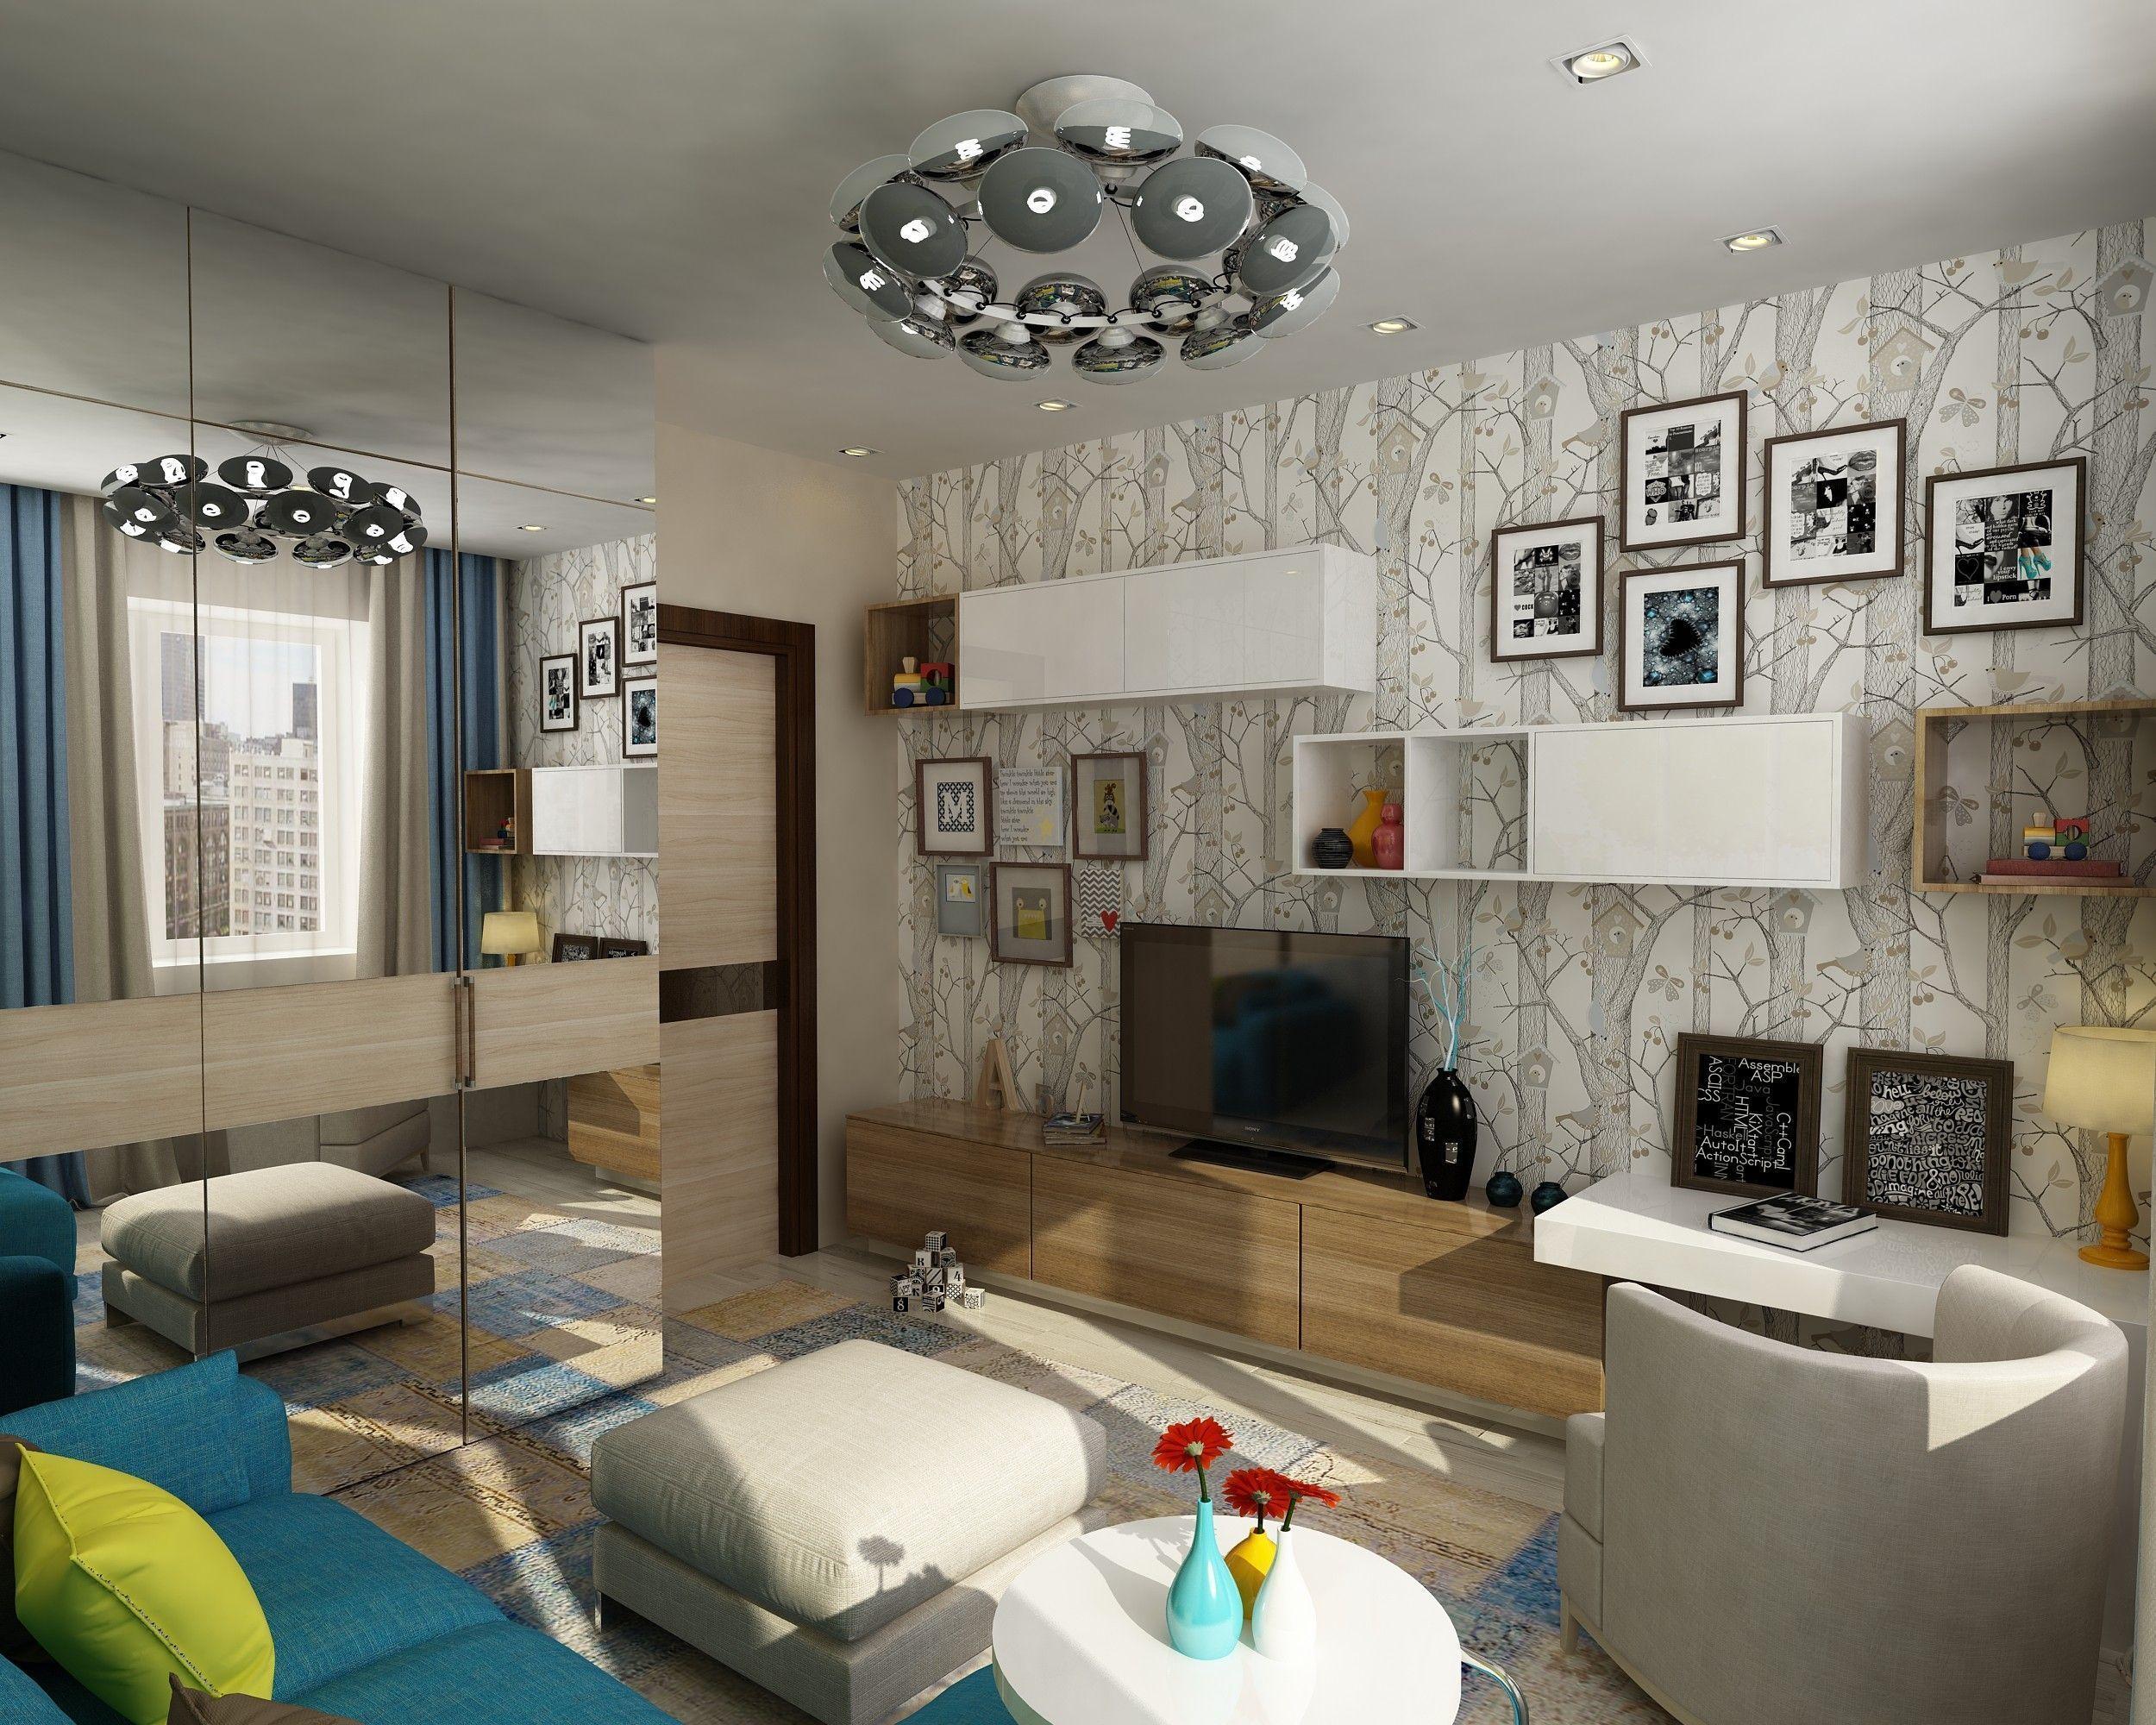 Гостевая комната: дизайн интерьера